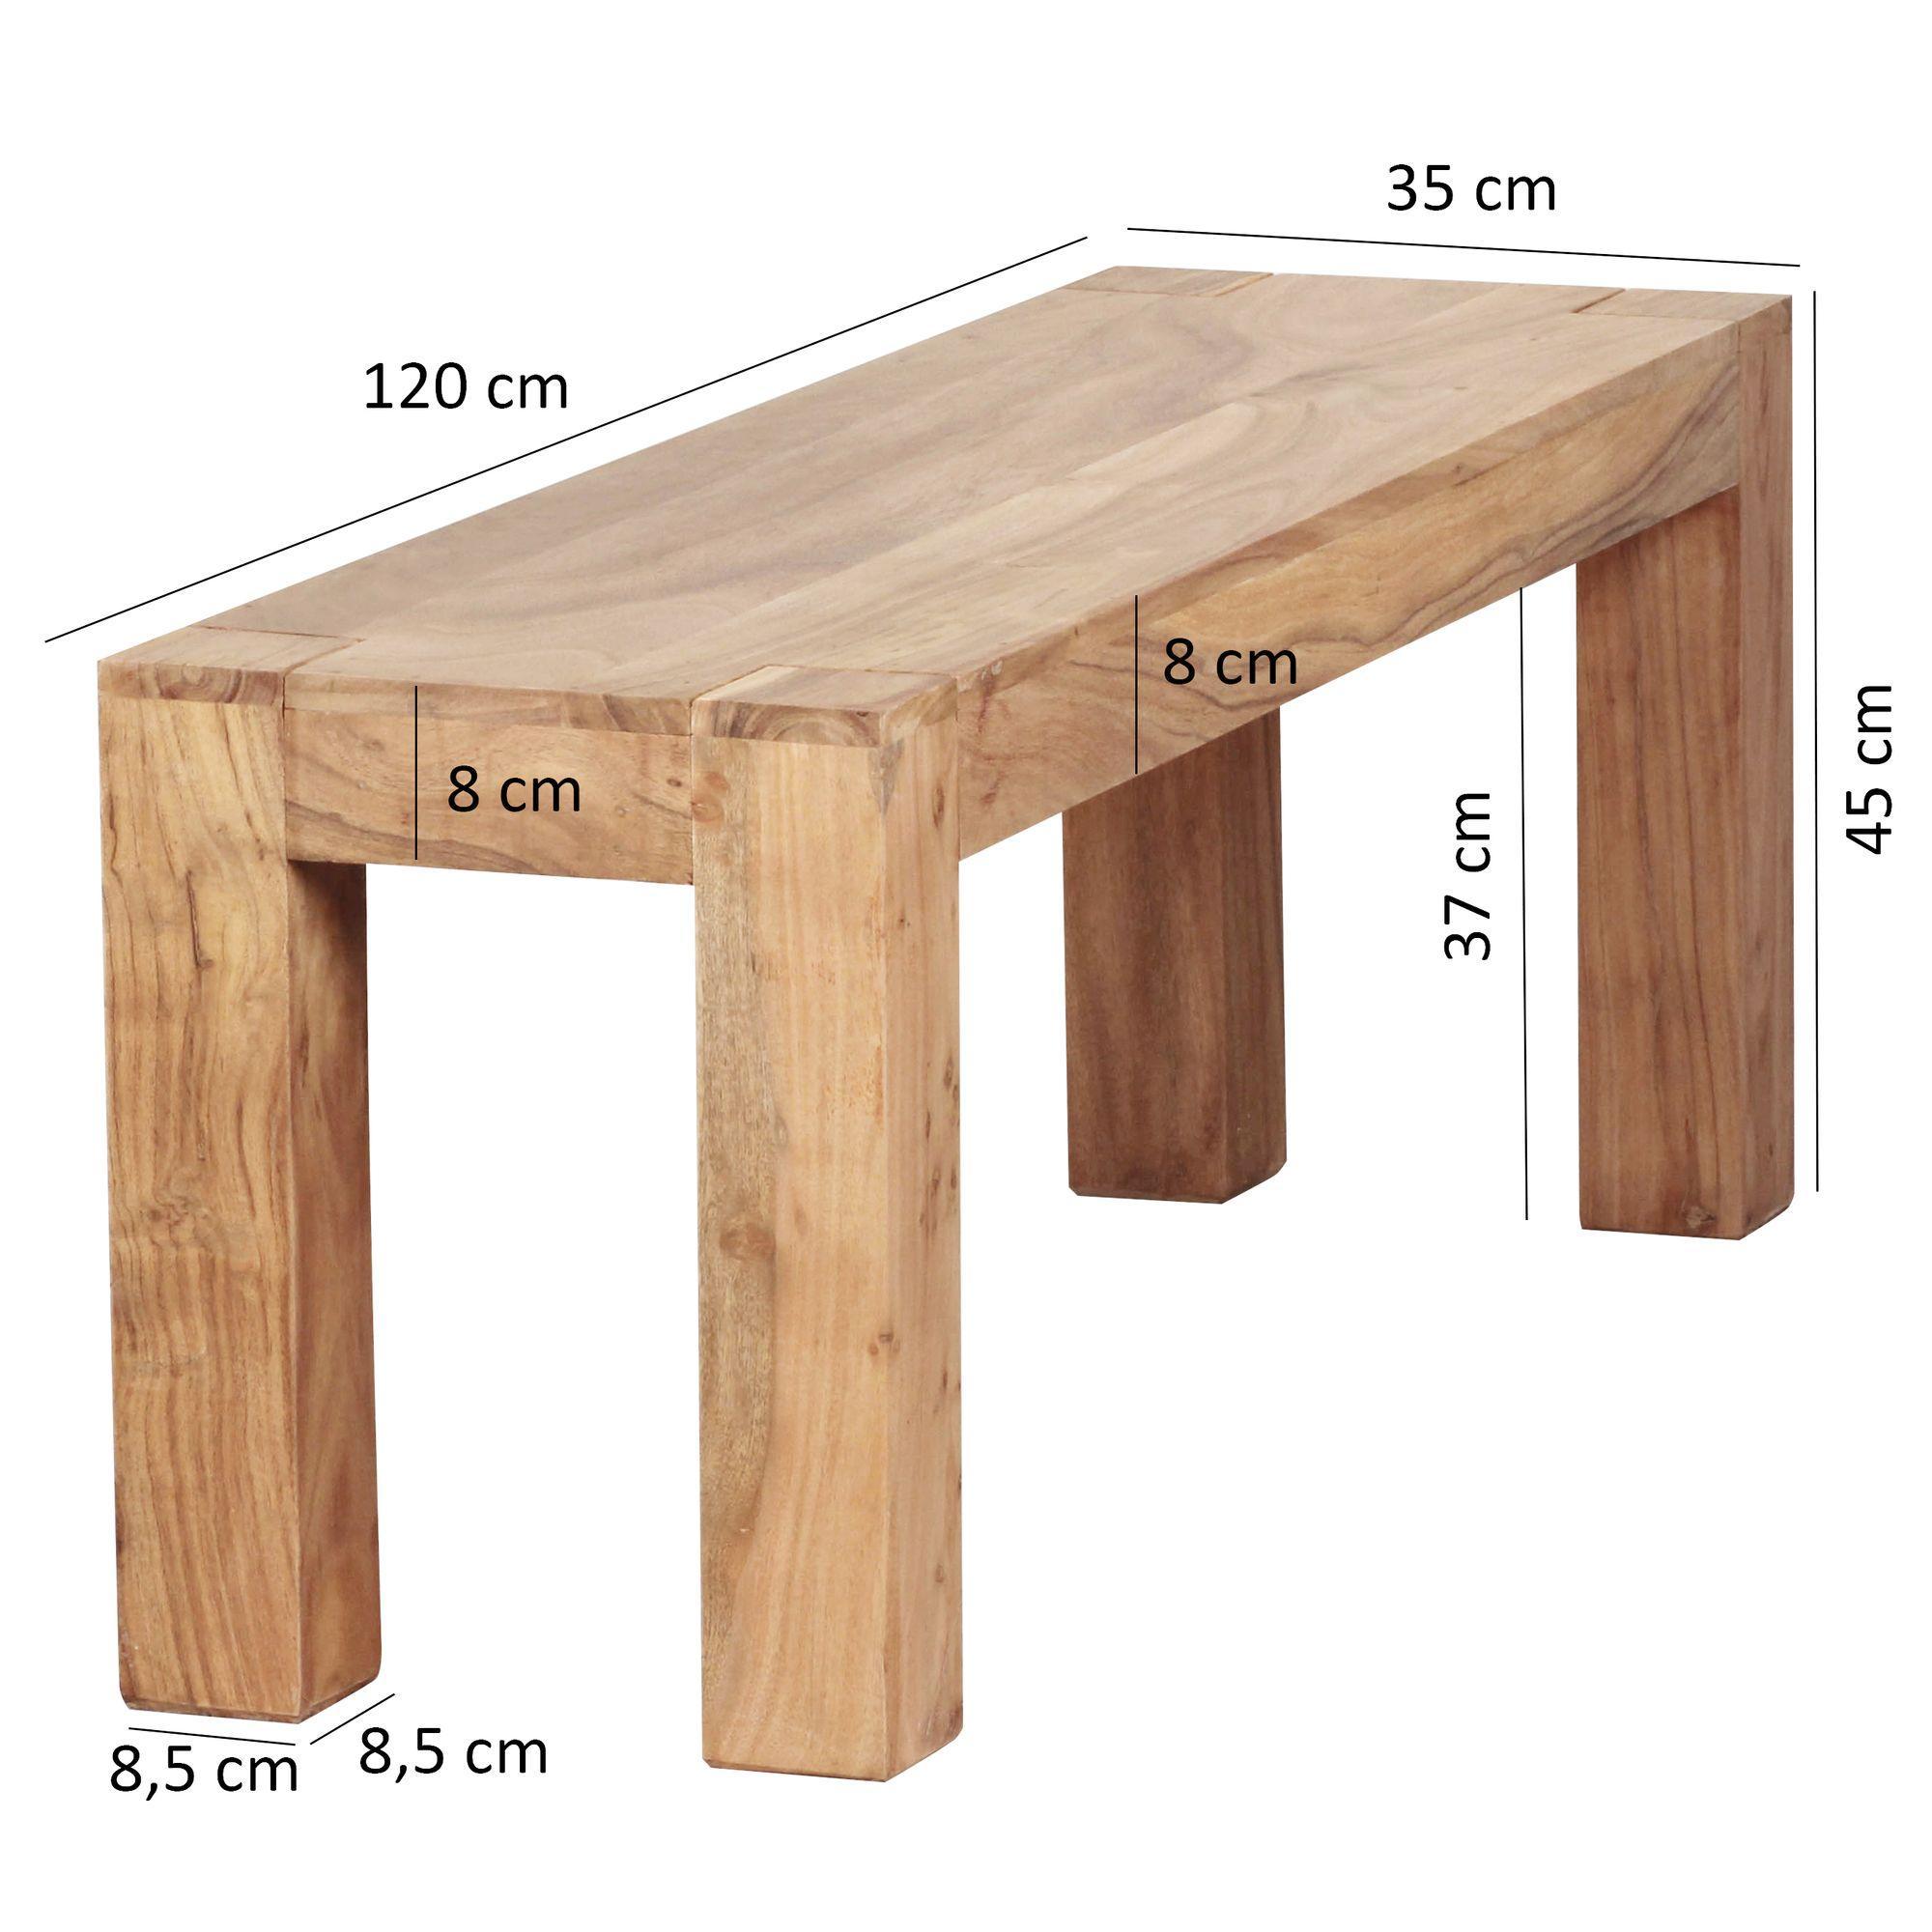 Sitzbank Holz Mit Lehne Esszimmer